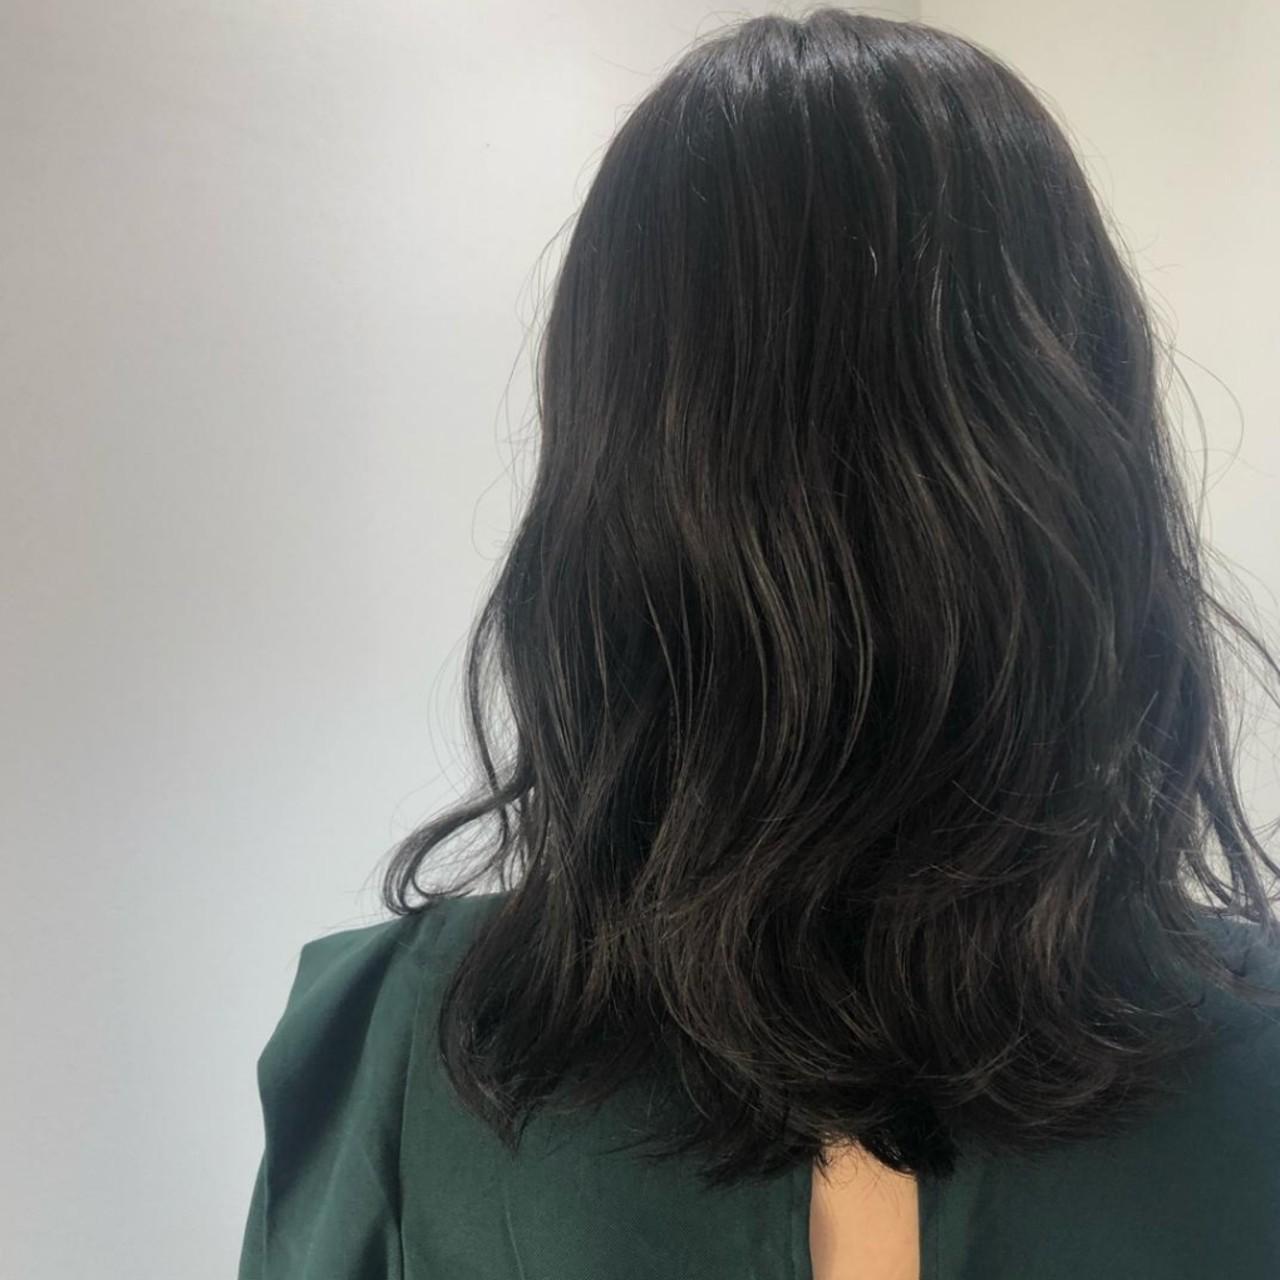 ウェーブ ナチュラル 地毛風カラー グレージュヘアスタイルや髪型の写真・画像